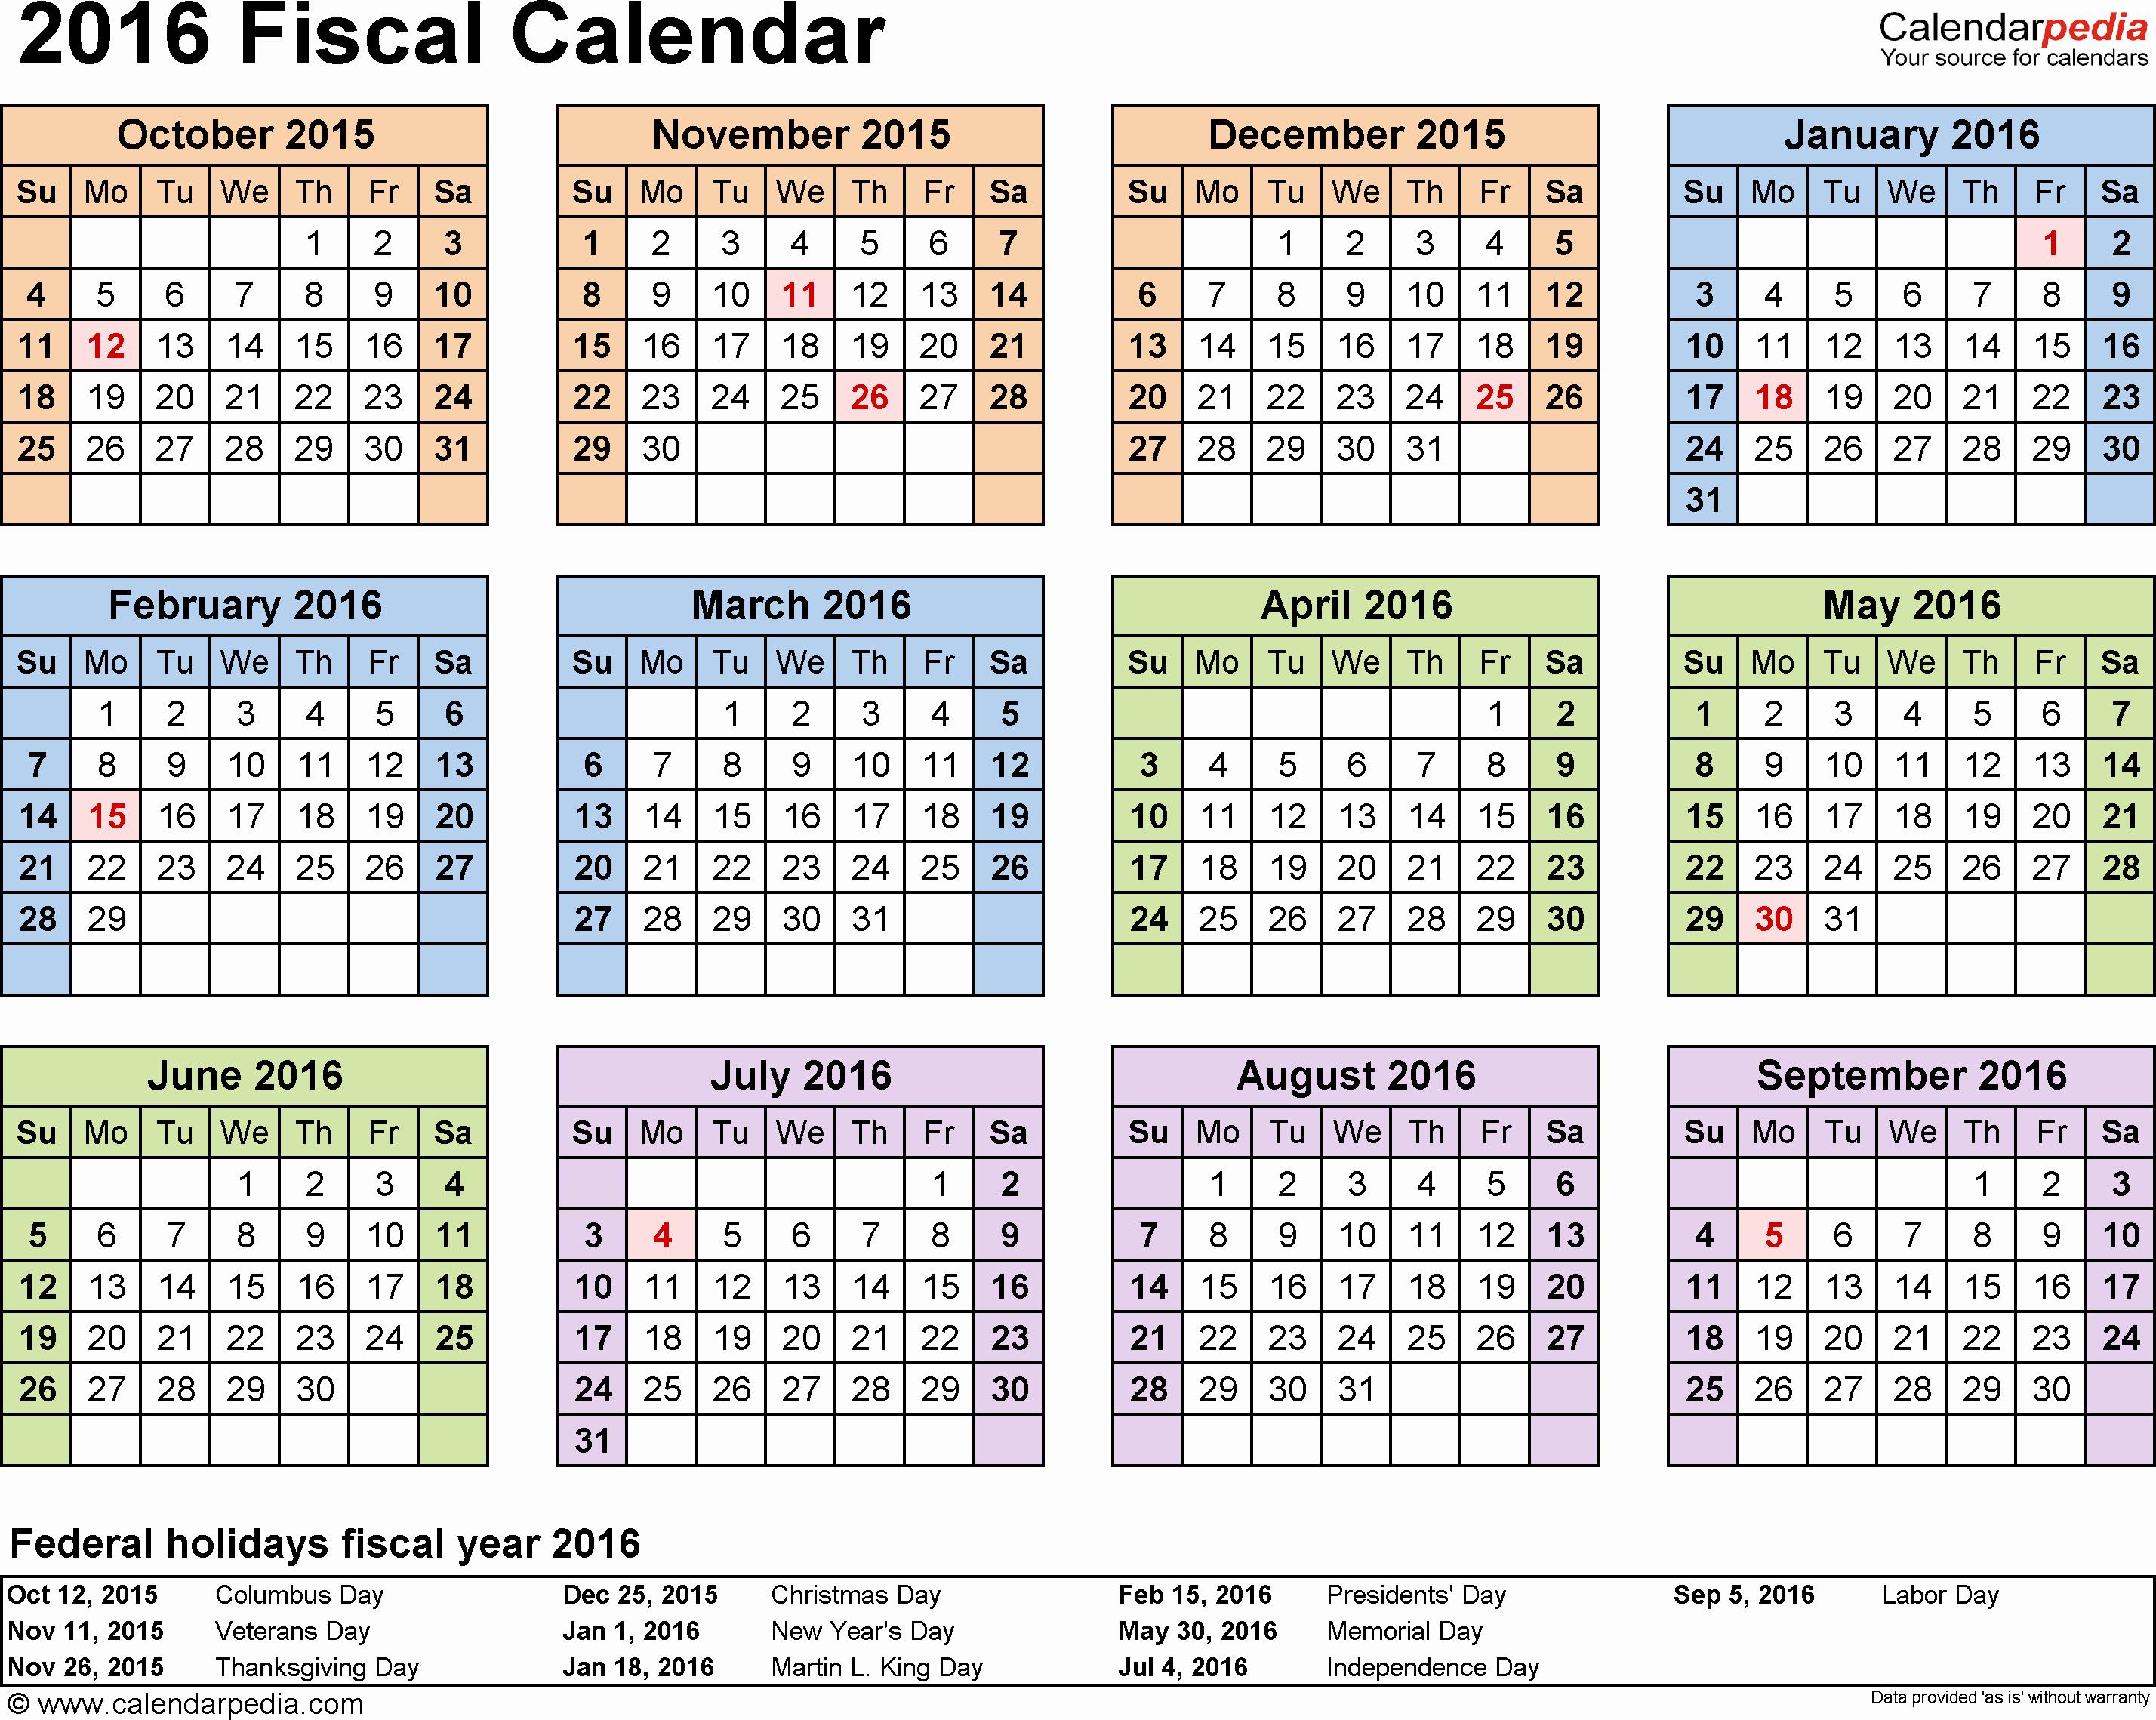 Payroll Calendar 2016 Template Inspirational Free Payroll Calendar 2016 Biweekly Template